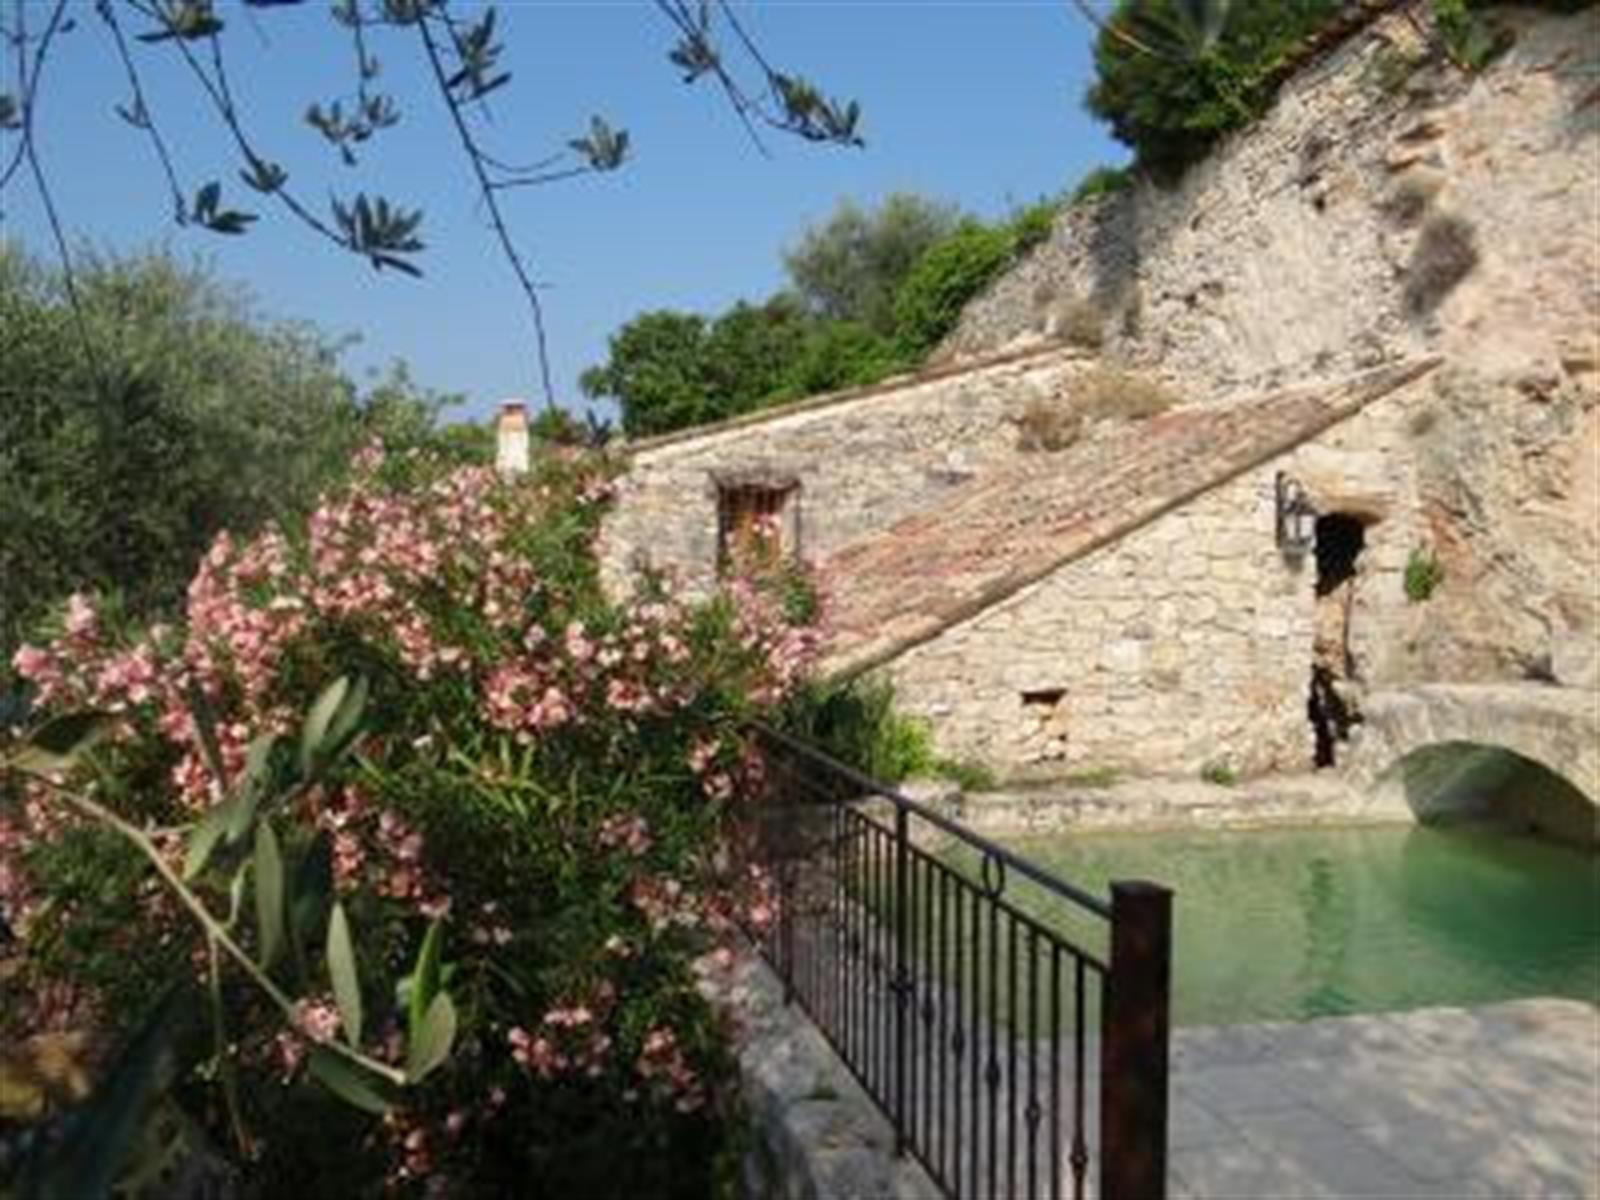 Maison de vacances - St-Cezaire-sur-Siagne (Grotte) - #4281618-0